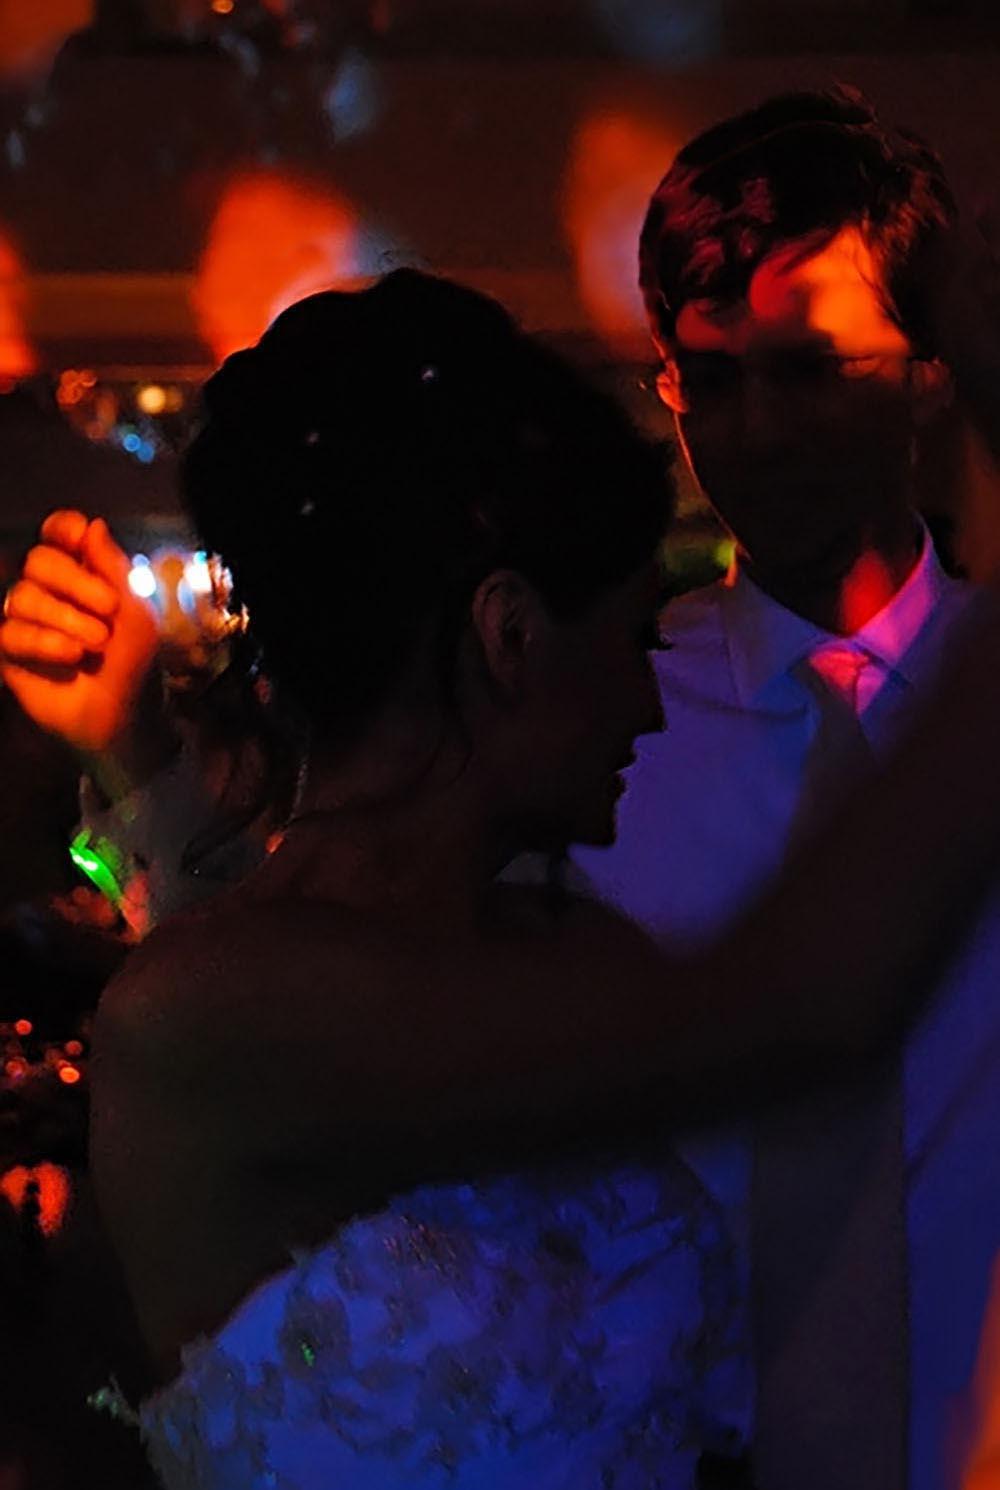 Maries sous lumiere coloree de la soiree dansante du mariage